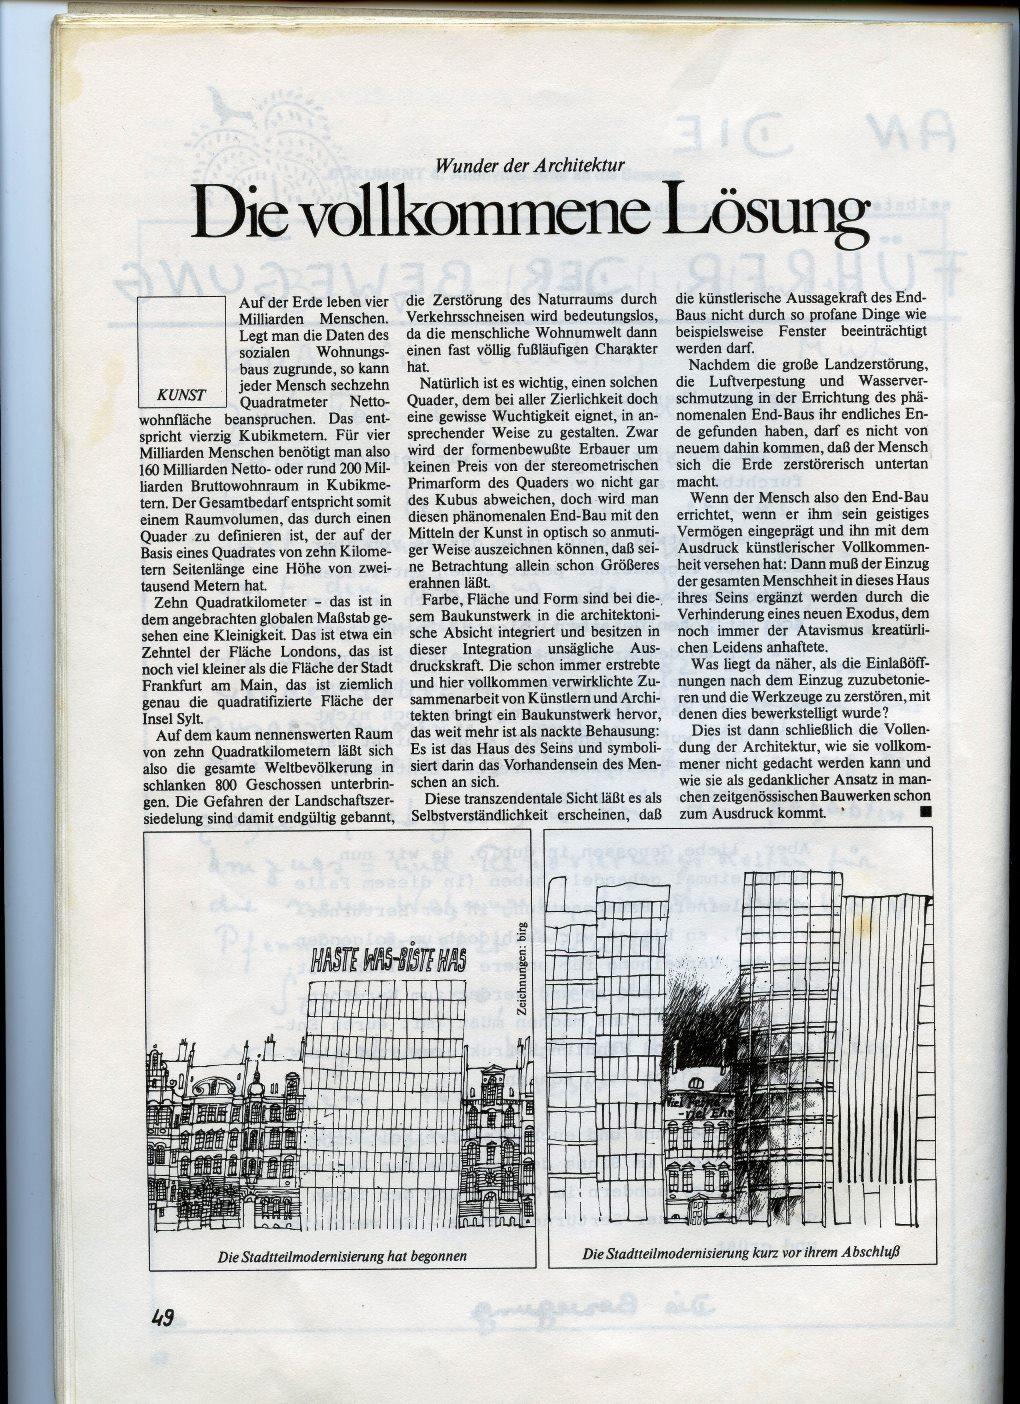 Muenster_Hausbesetzung_1980_50